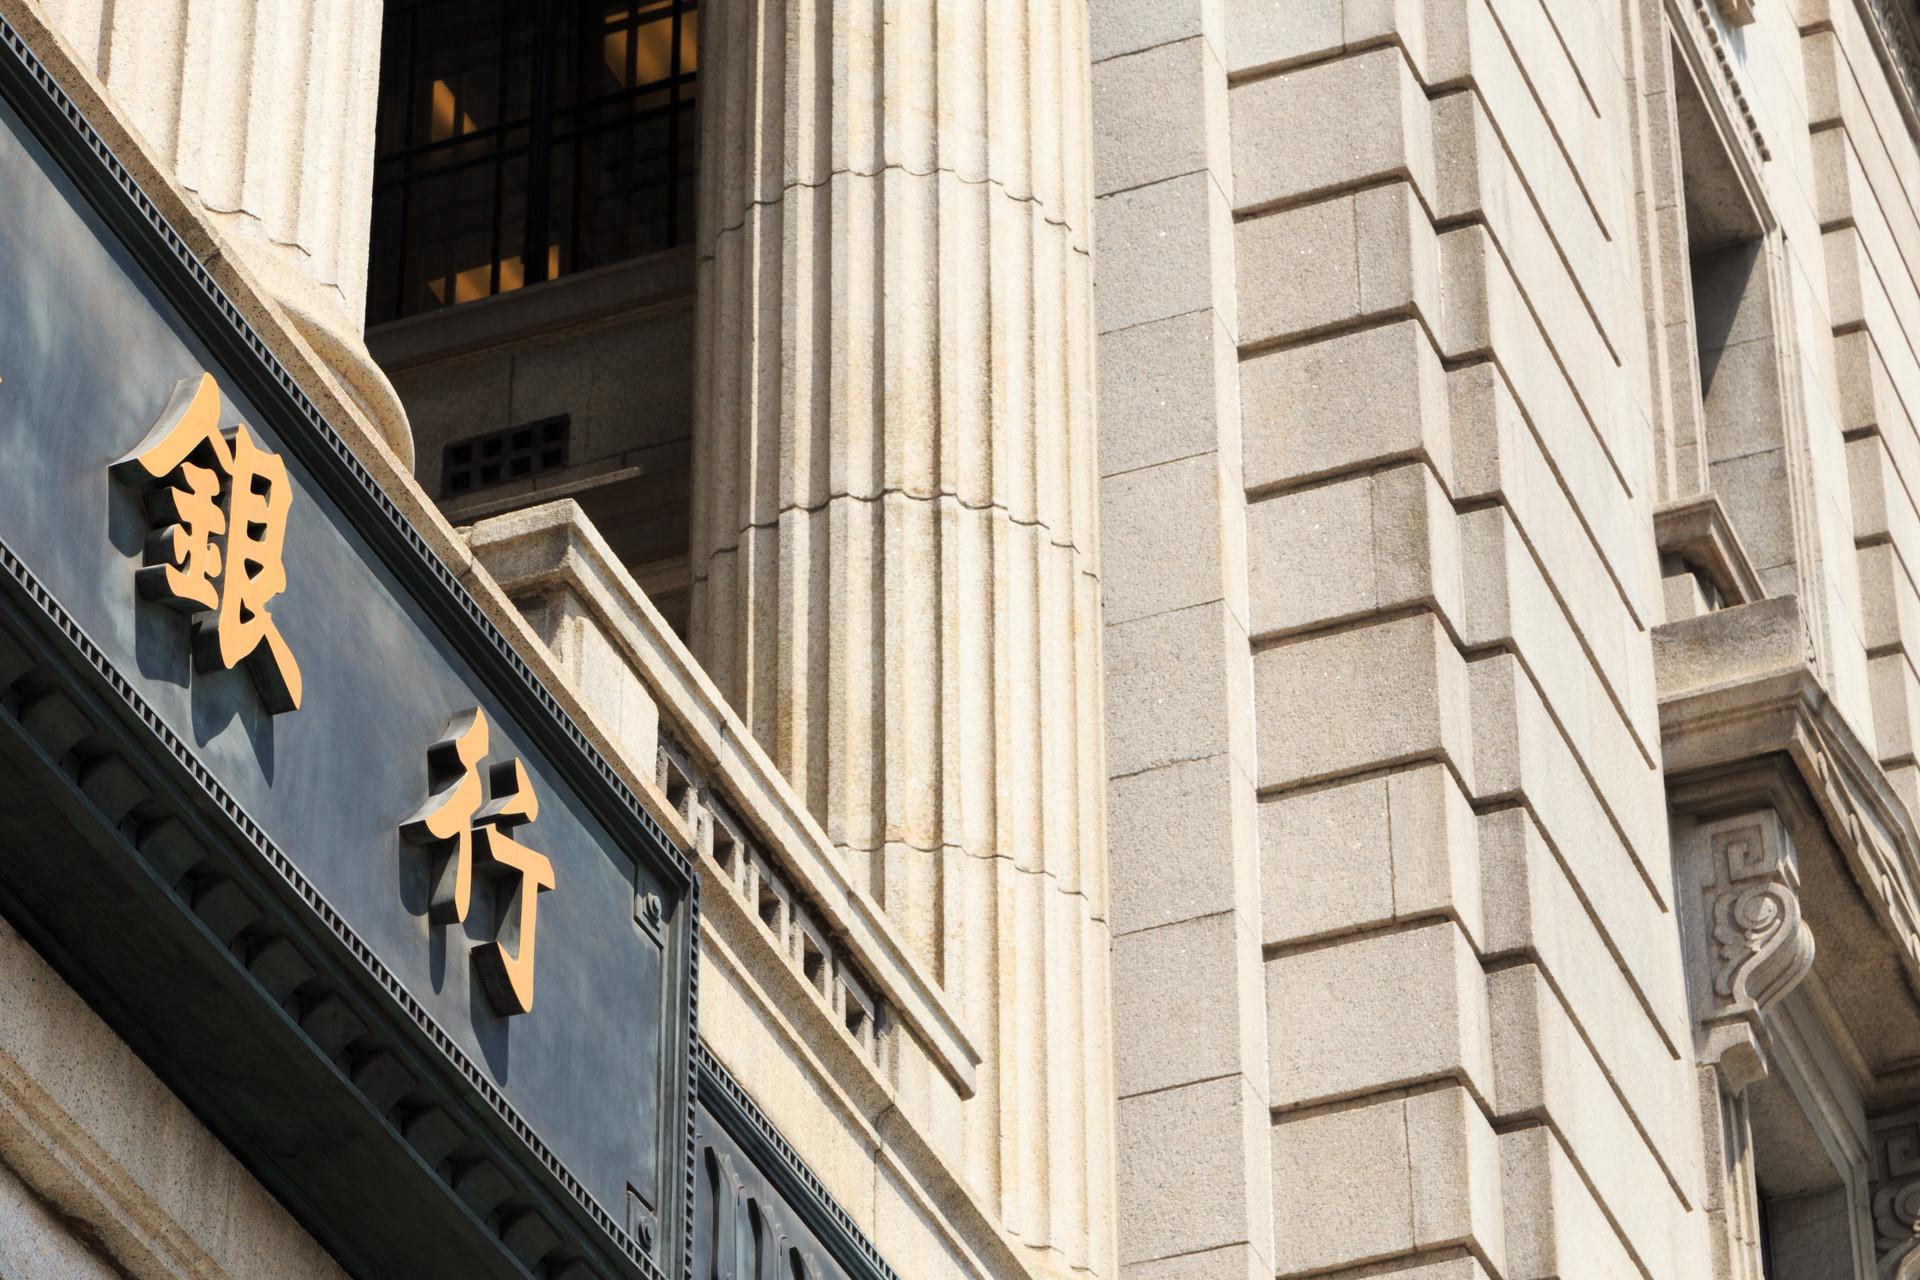 银保监会:前三季度商业银行净利润1.65万亿元,季末不良贷款率为1.86%